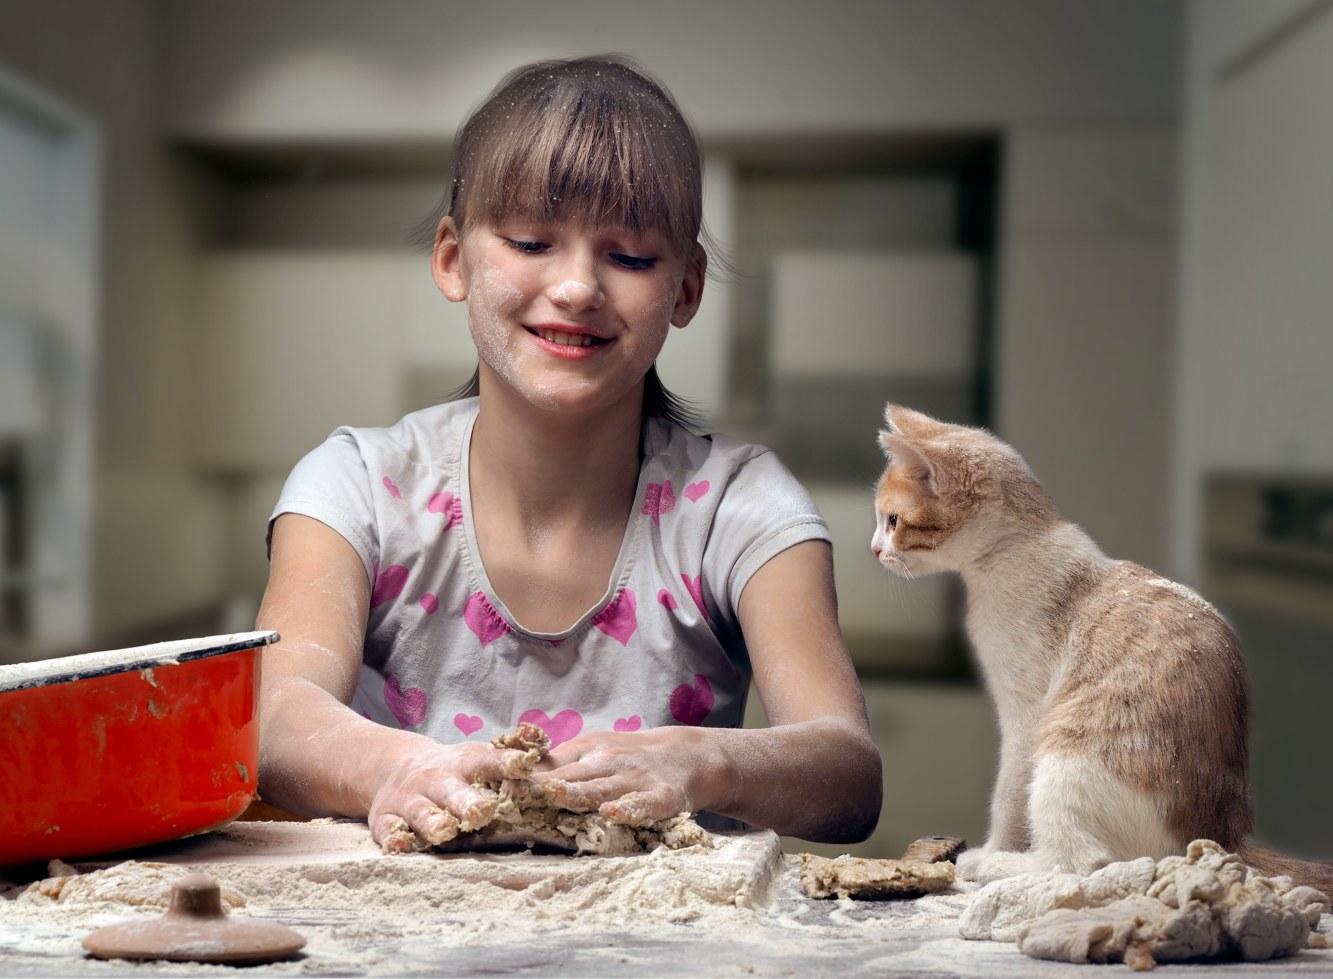 Criança a cozinhar com um gato ao aldo